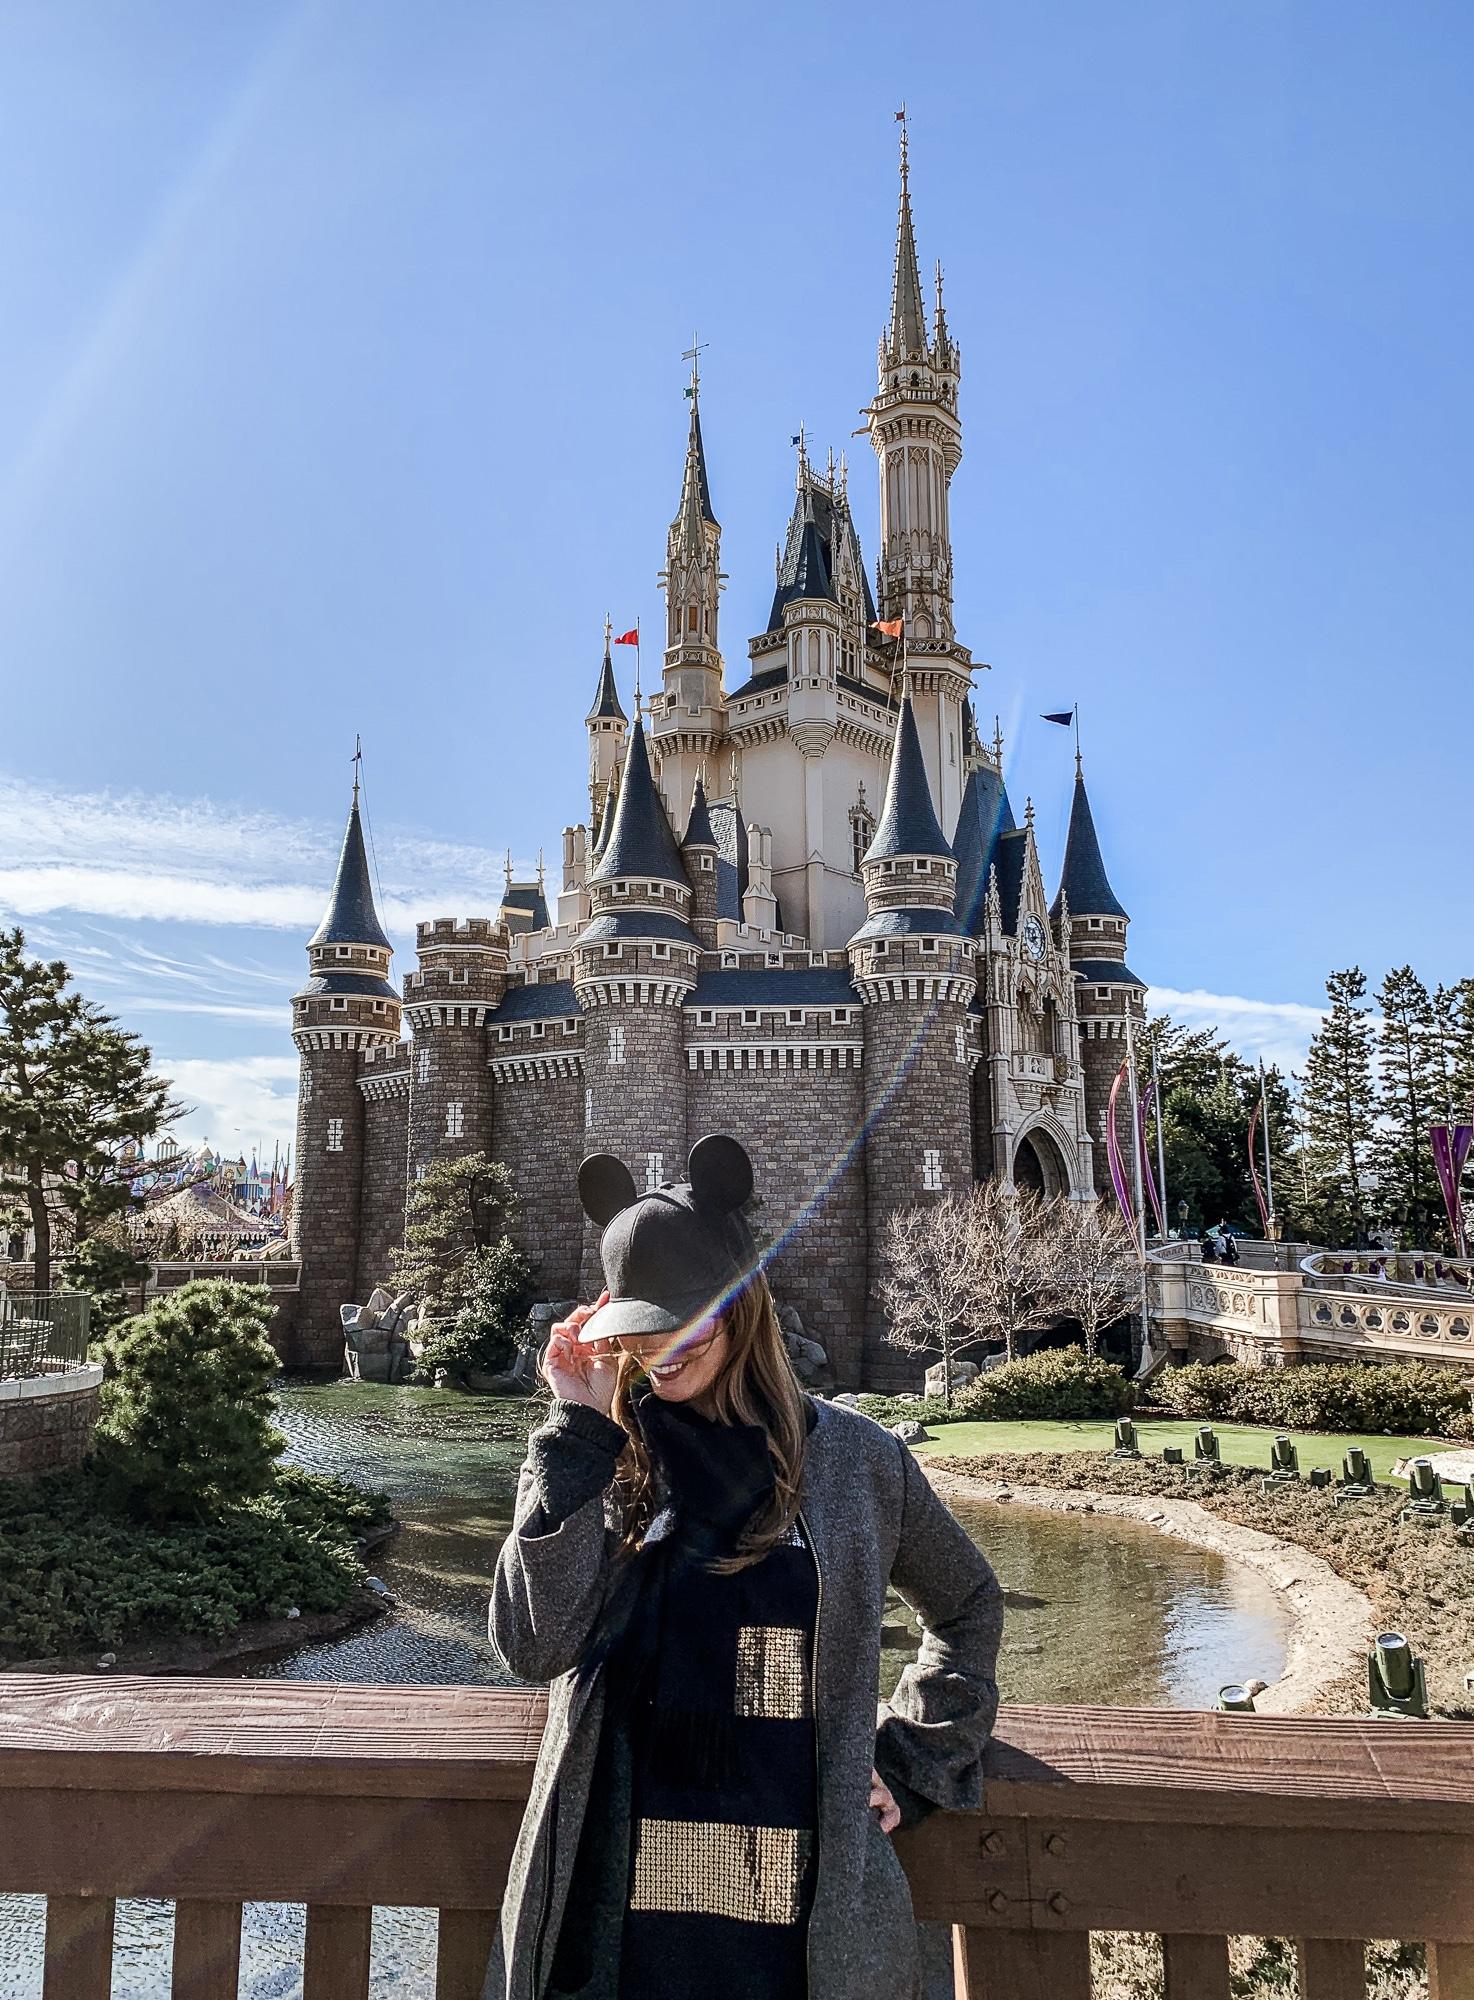 Disneyland Tokio: Meine Erfahrungen, Attraktionen und Highlights im Park - Disneyschloss